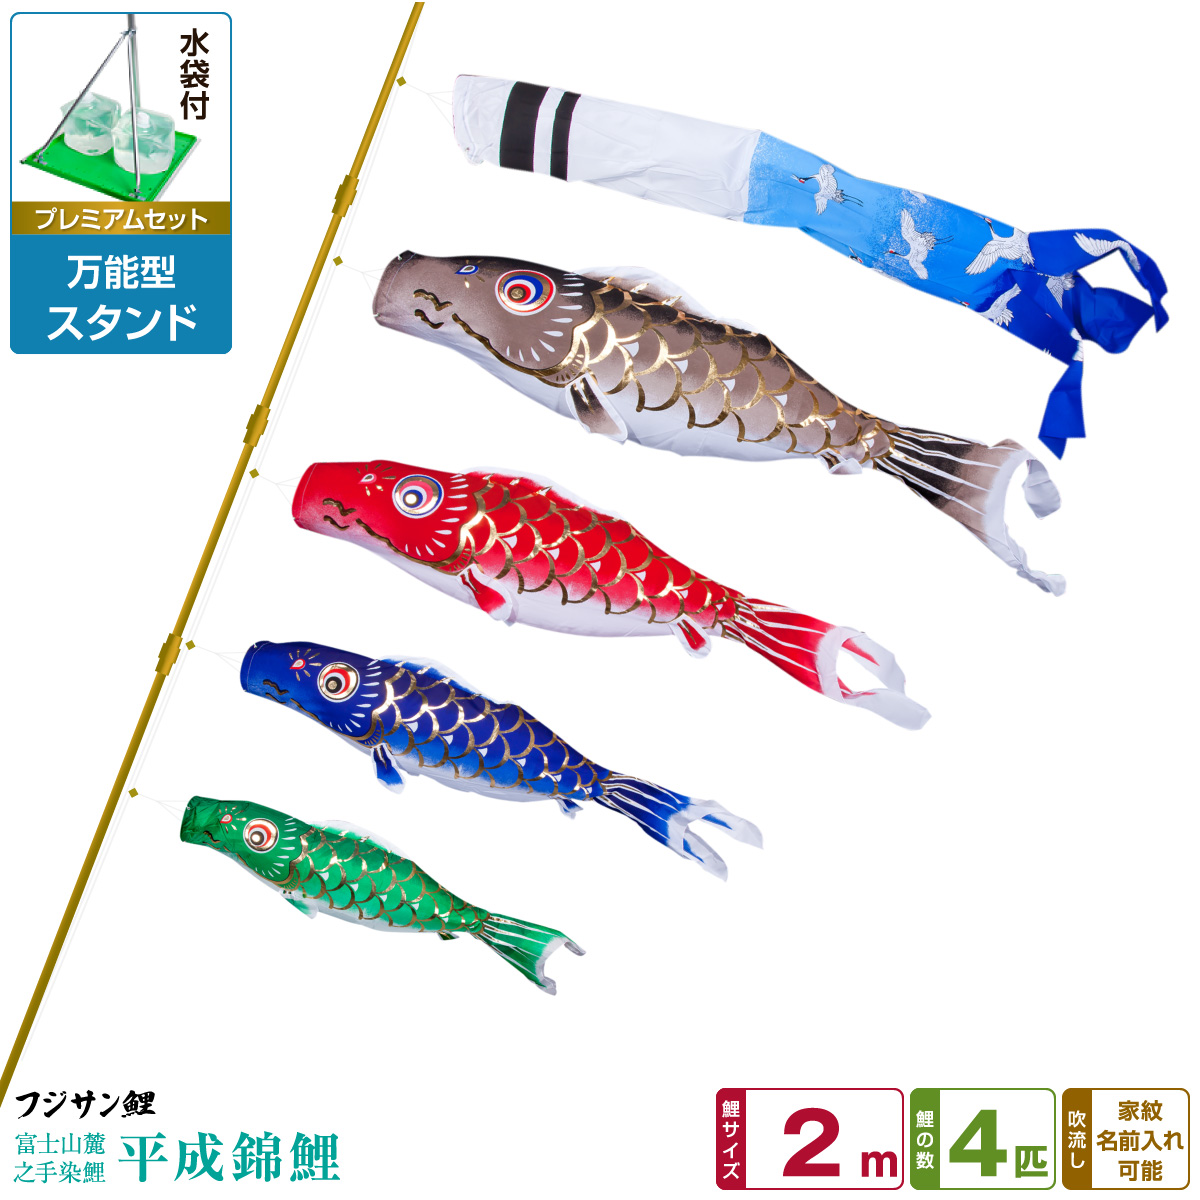 ベランダ用 こいのぼり 鯉のぼり フジサン鯉 平成錦鯉 2m 7点(吹流し+鯉4匹+矢車+ロープ)/プレミアムセット(万能スタンド)